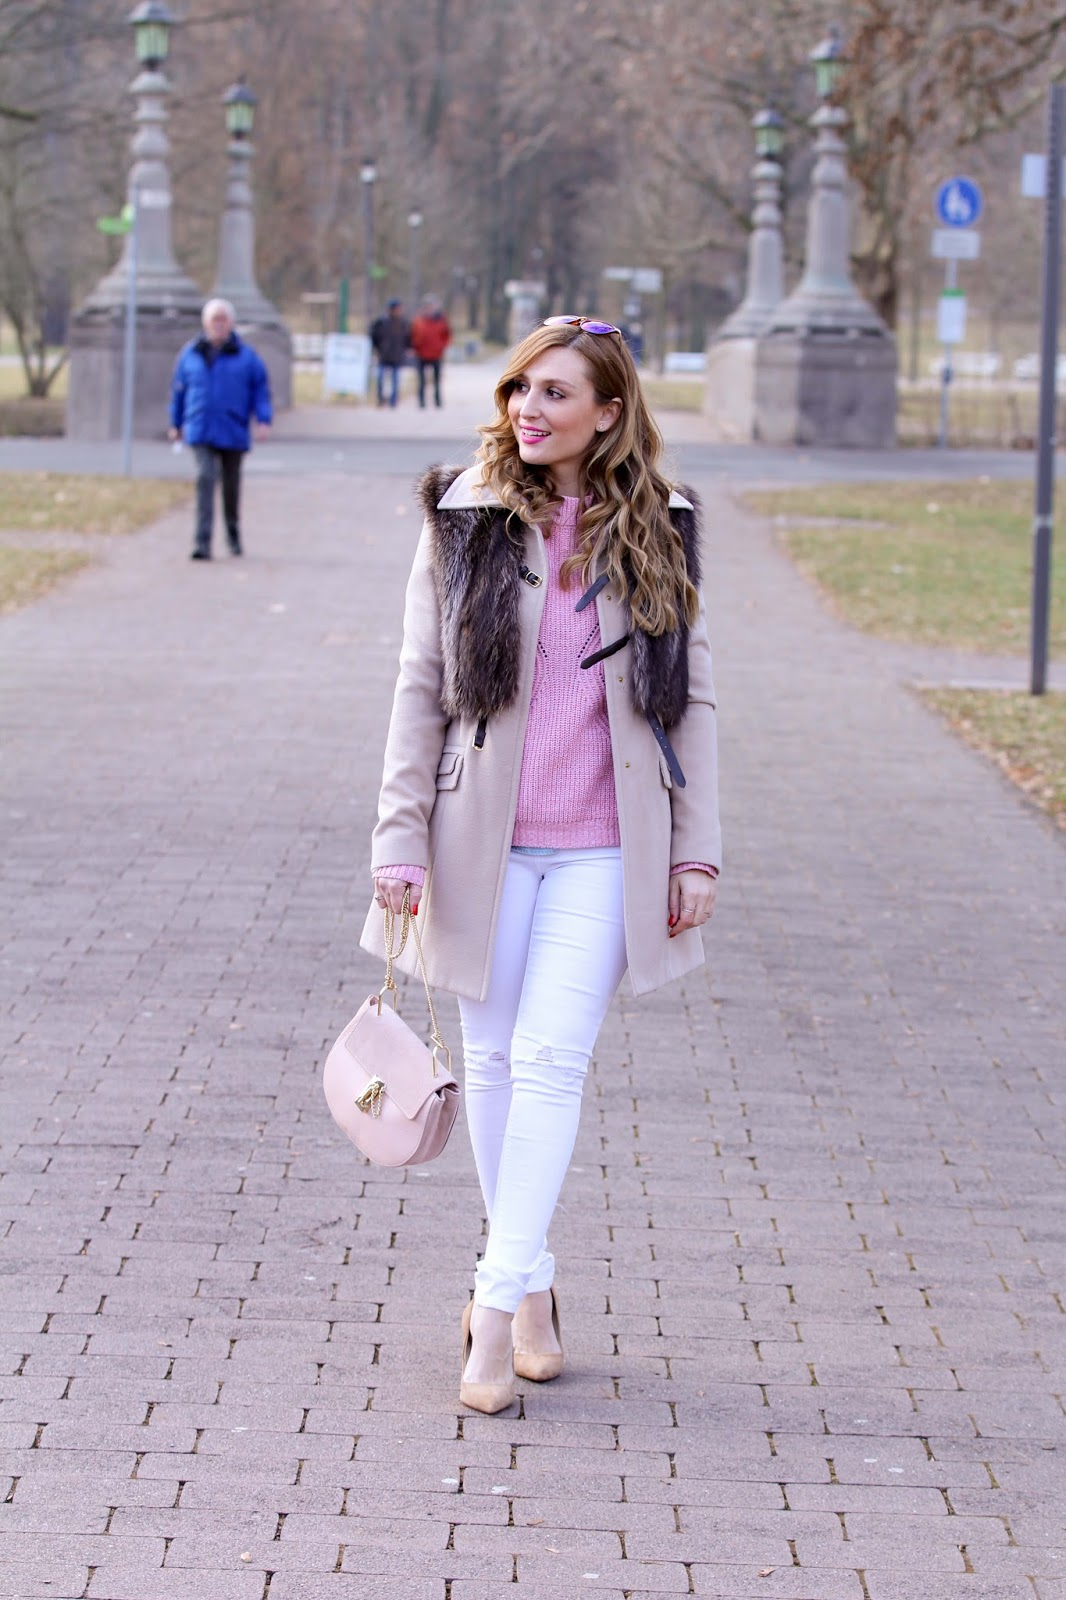 Deutsche-Fashionblogger-deutsche-blogger-fashionstylebyjohanna